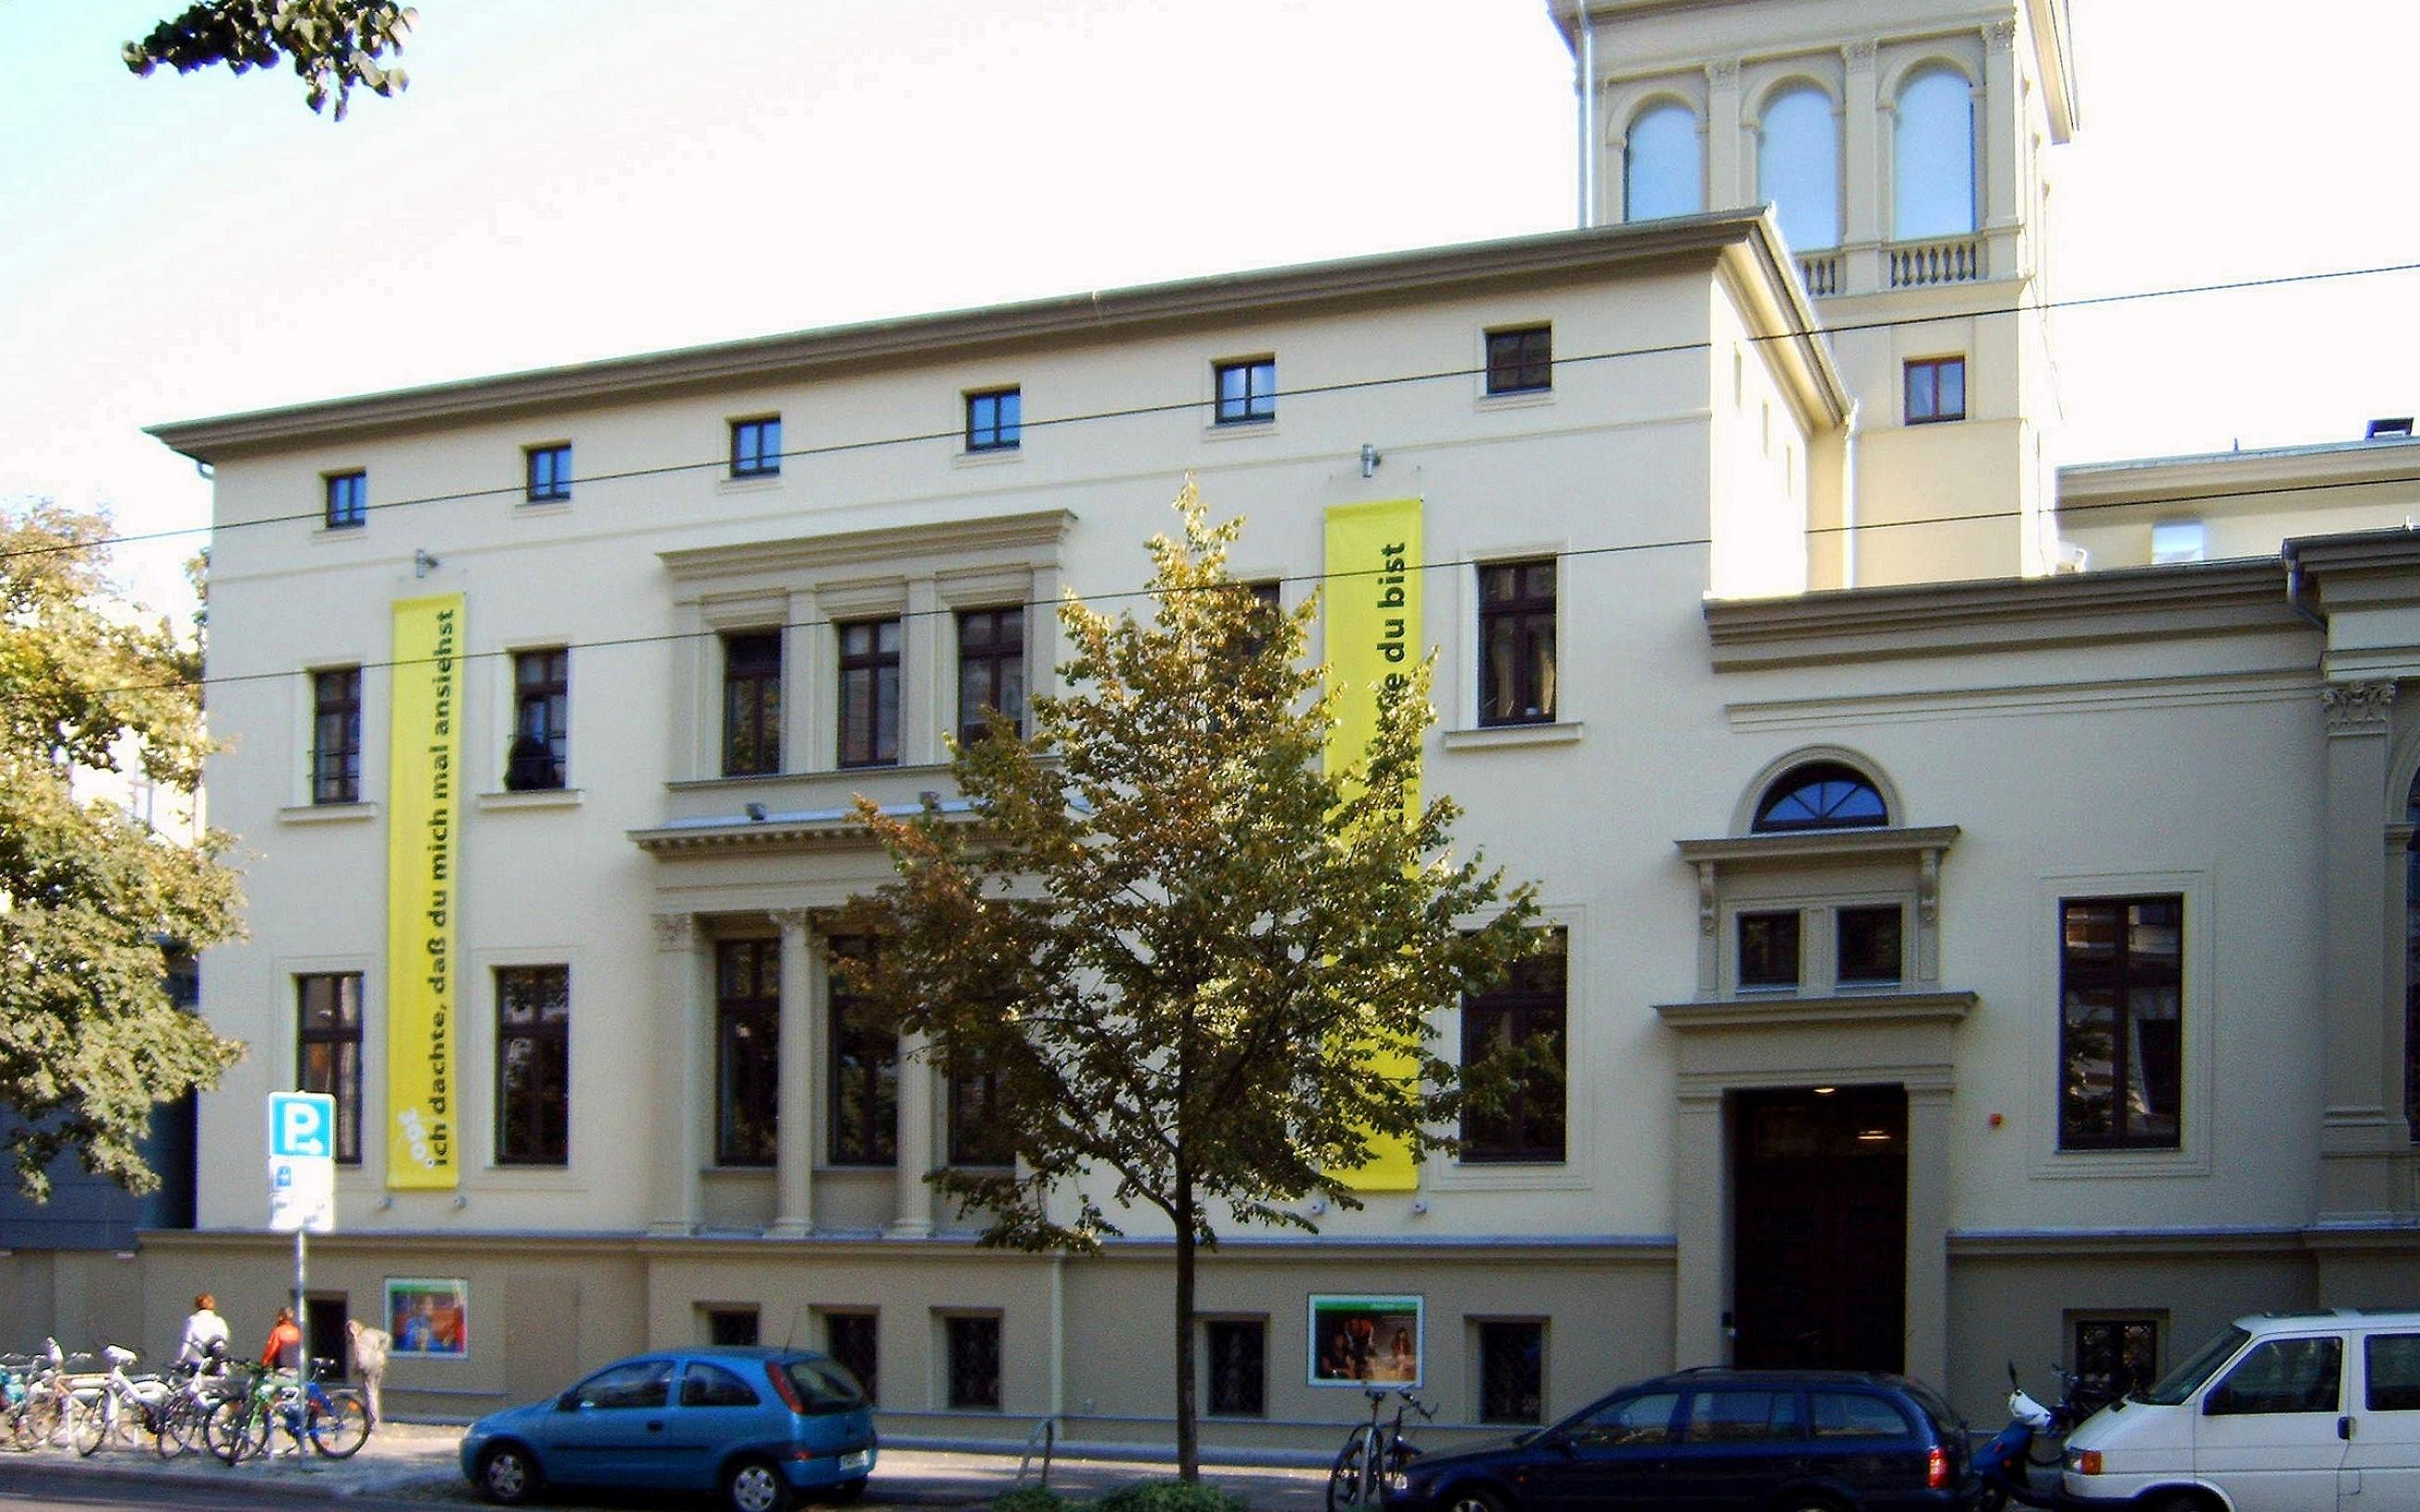 Schauspielhaus Magdeburg, Westseite.